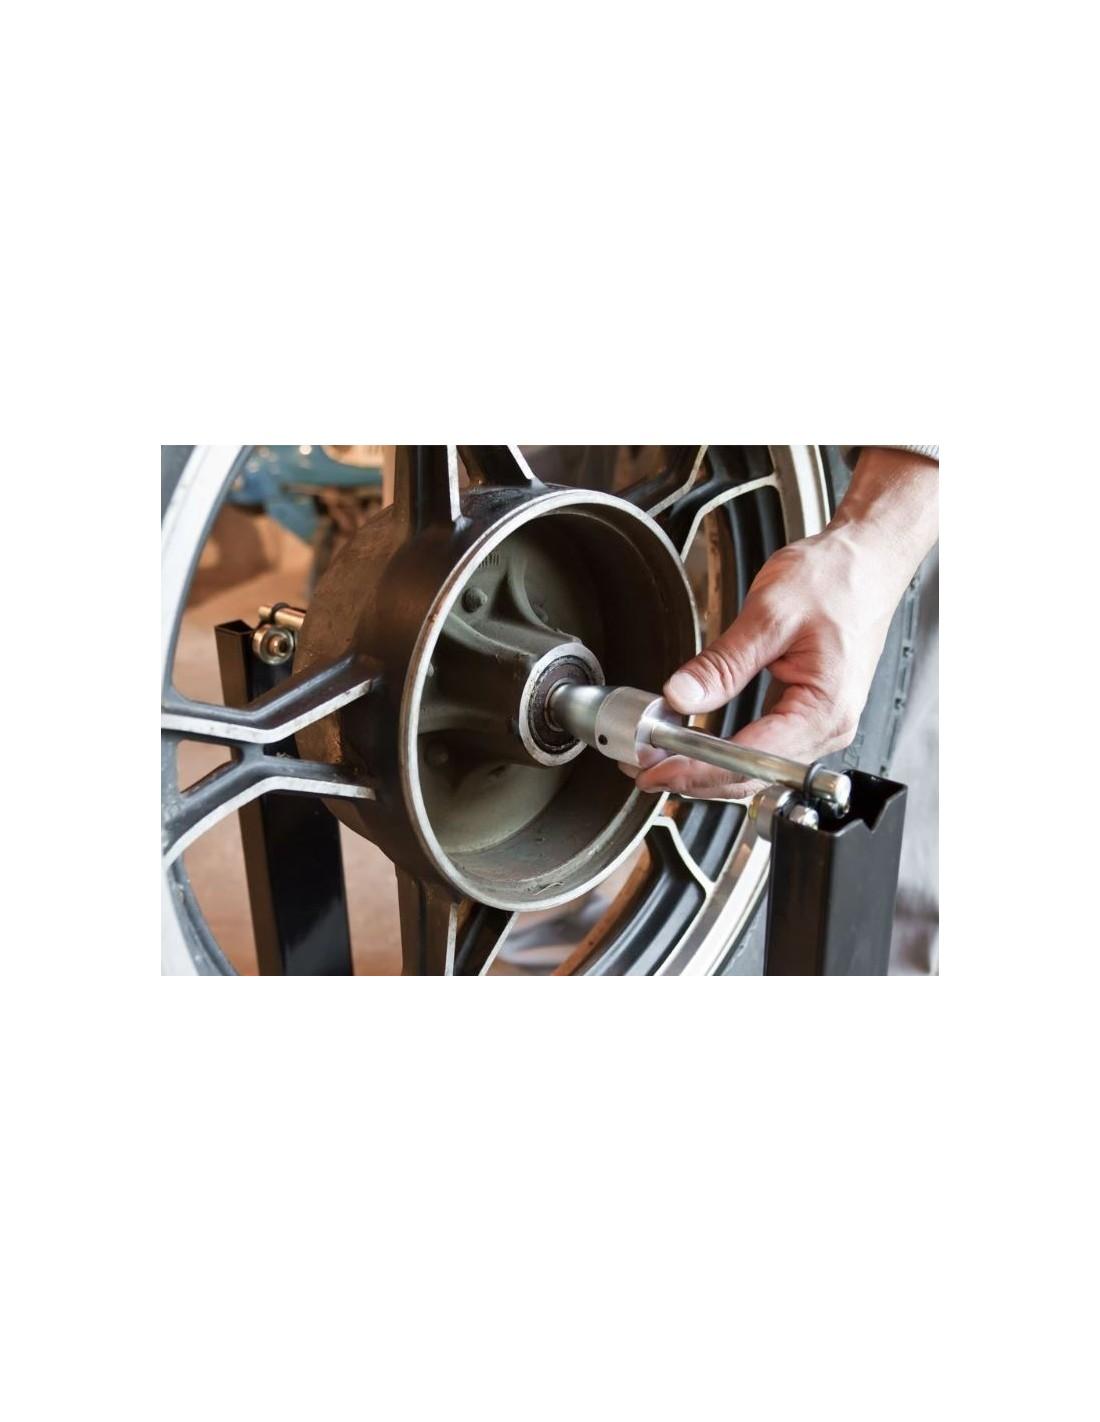 Destalonador Ruedas moto Para Montar Y Desmontar neumaticos y Equilibradora de Rueda de Motos NIVELADOR